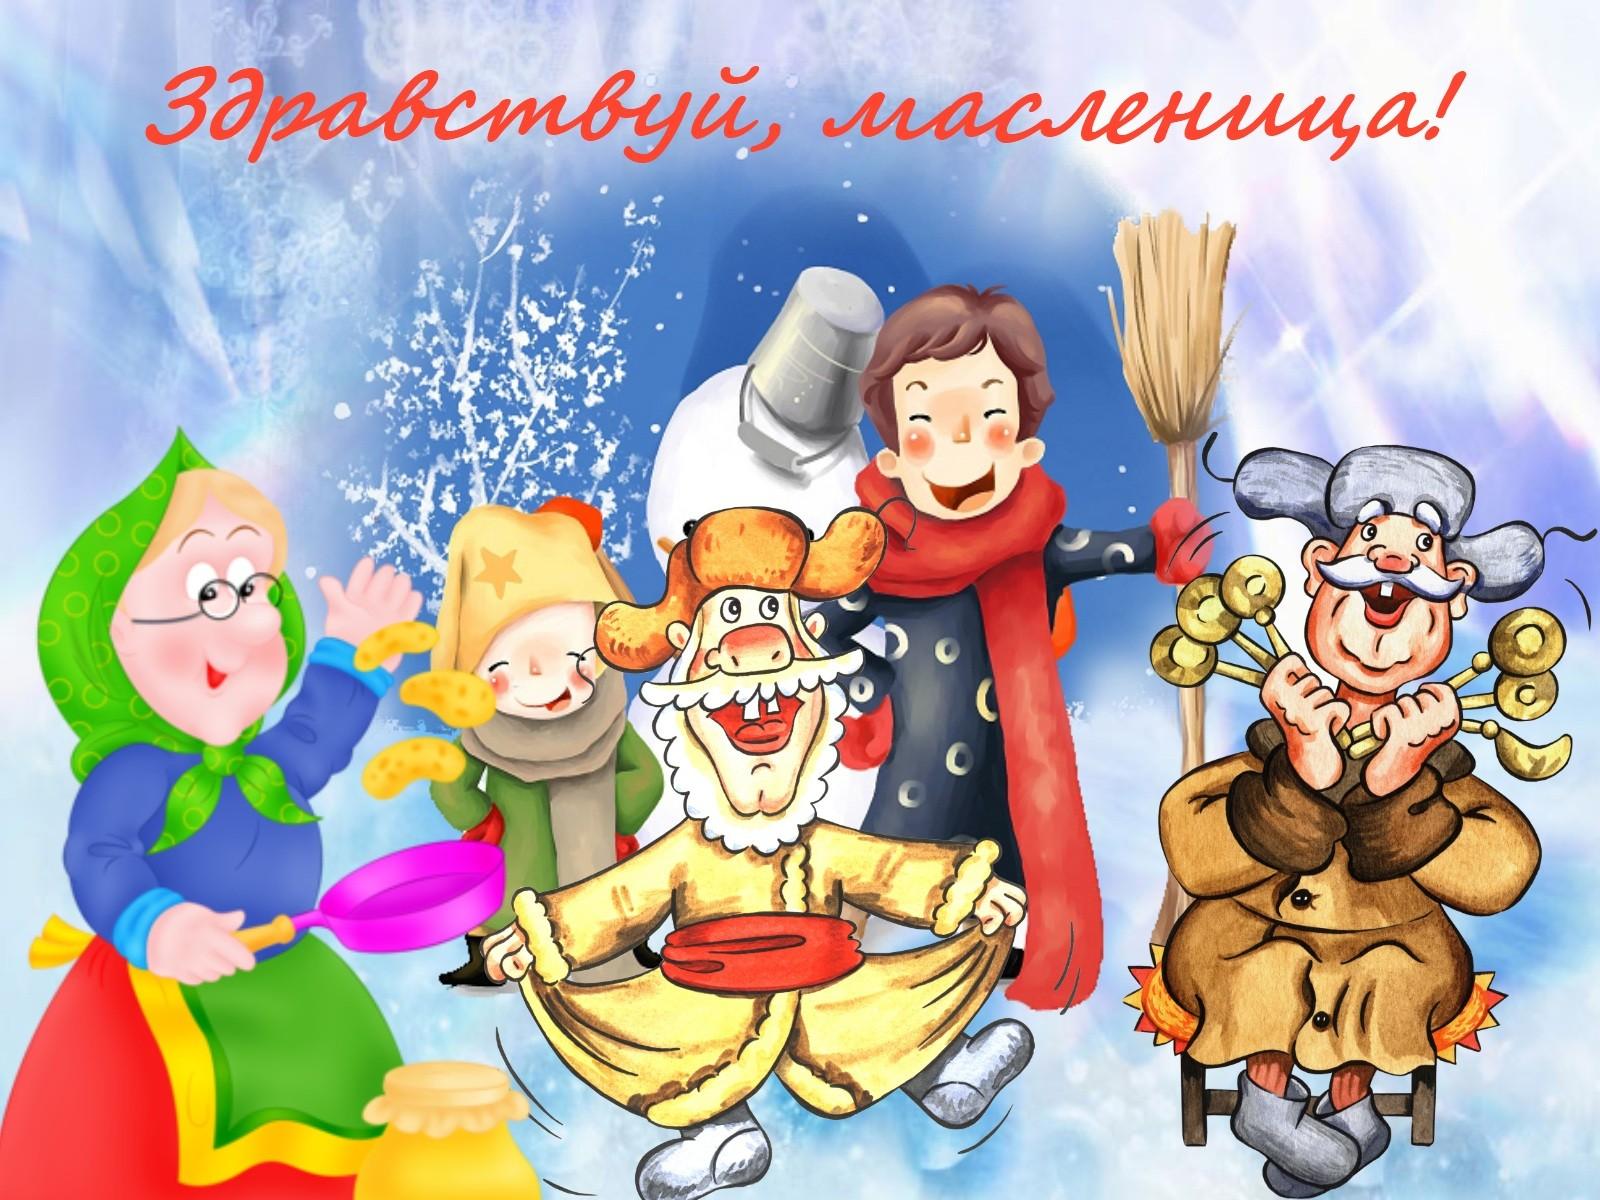 Смешные открытки к праздникам